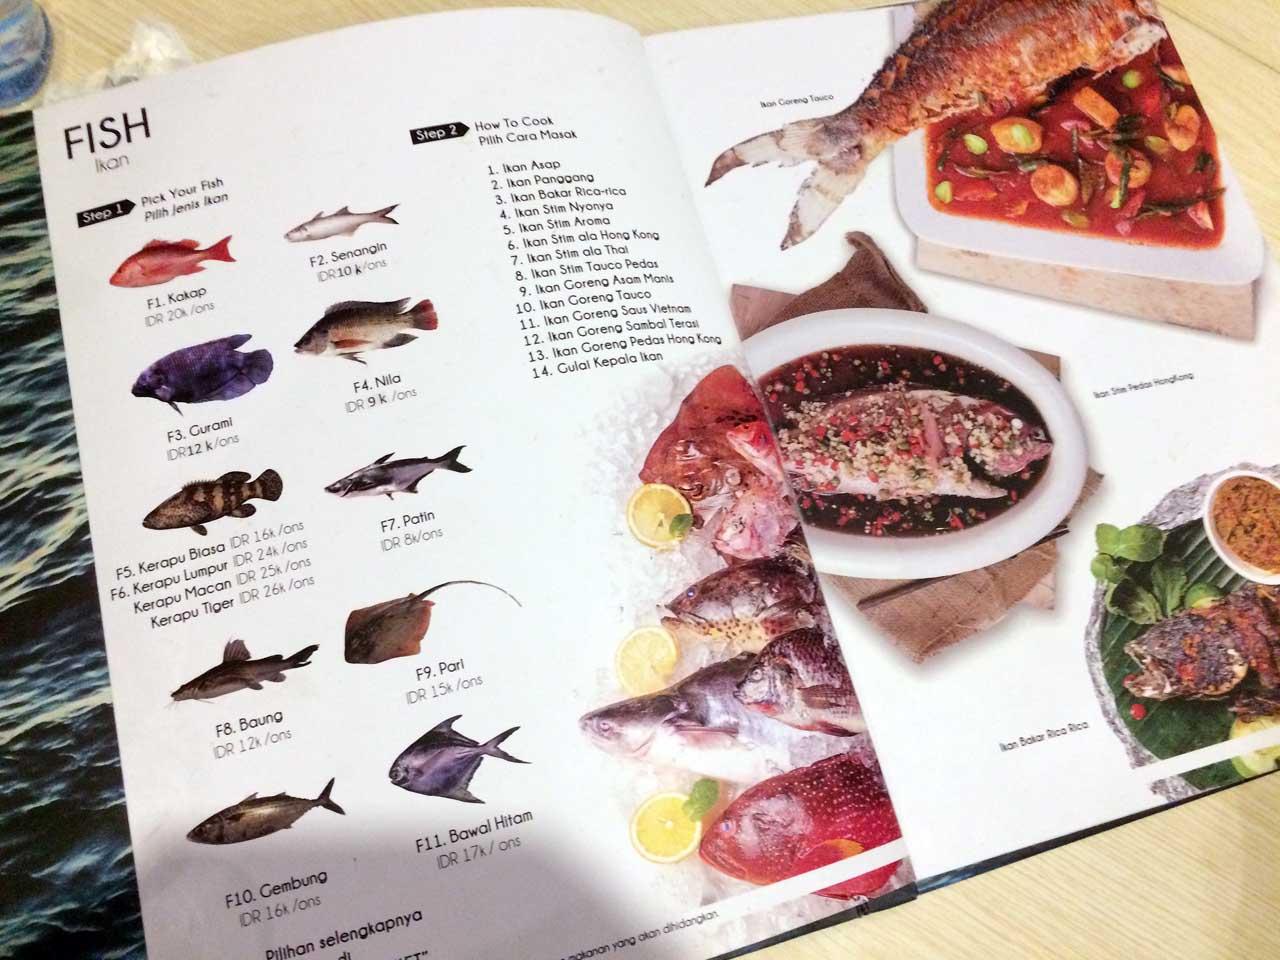 Aroma Seafood Market Lampung - Kuliner Bandar Lampung - Yopie Pangkey - 20